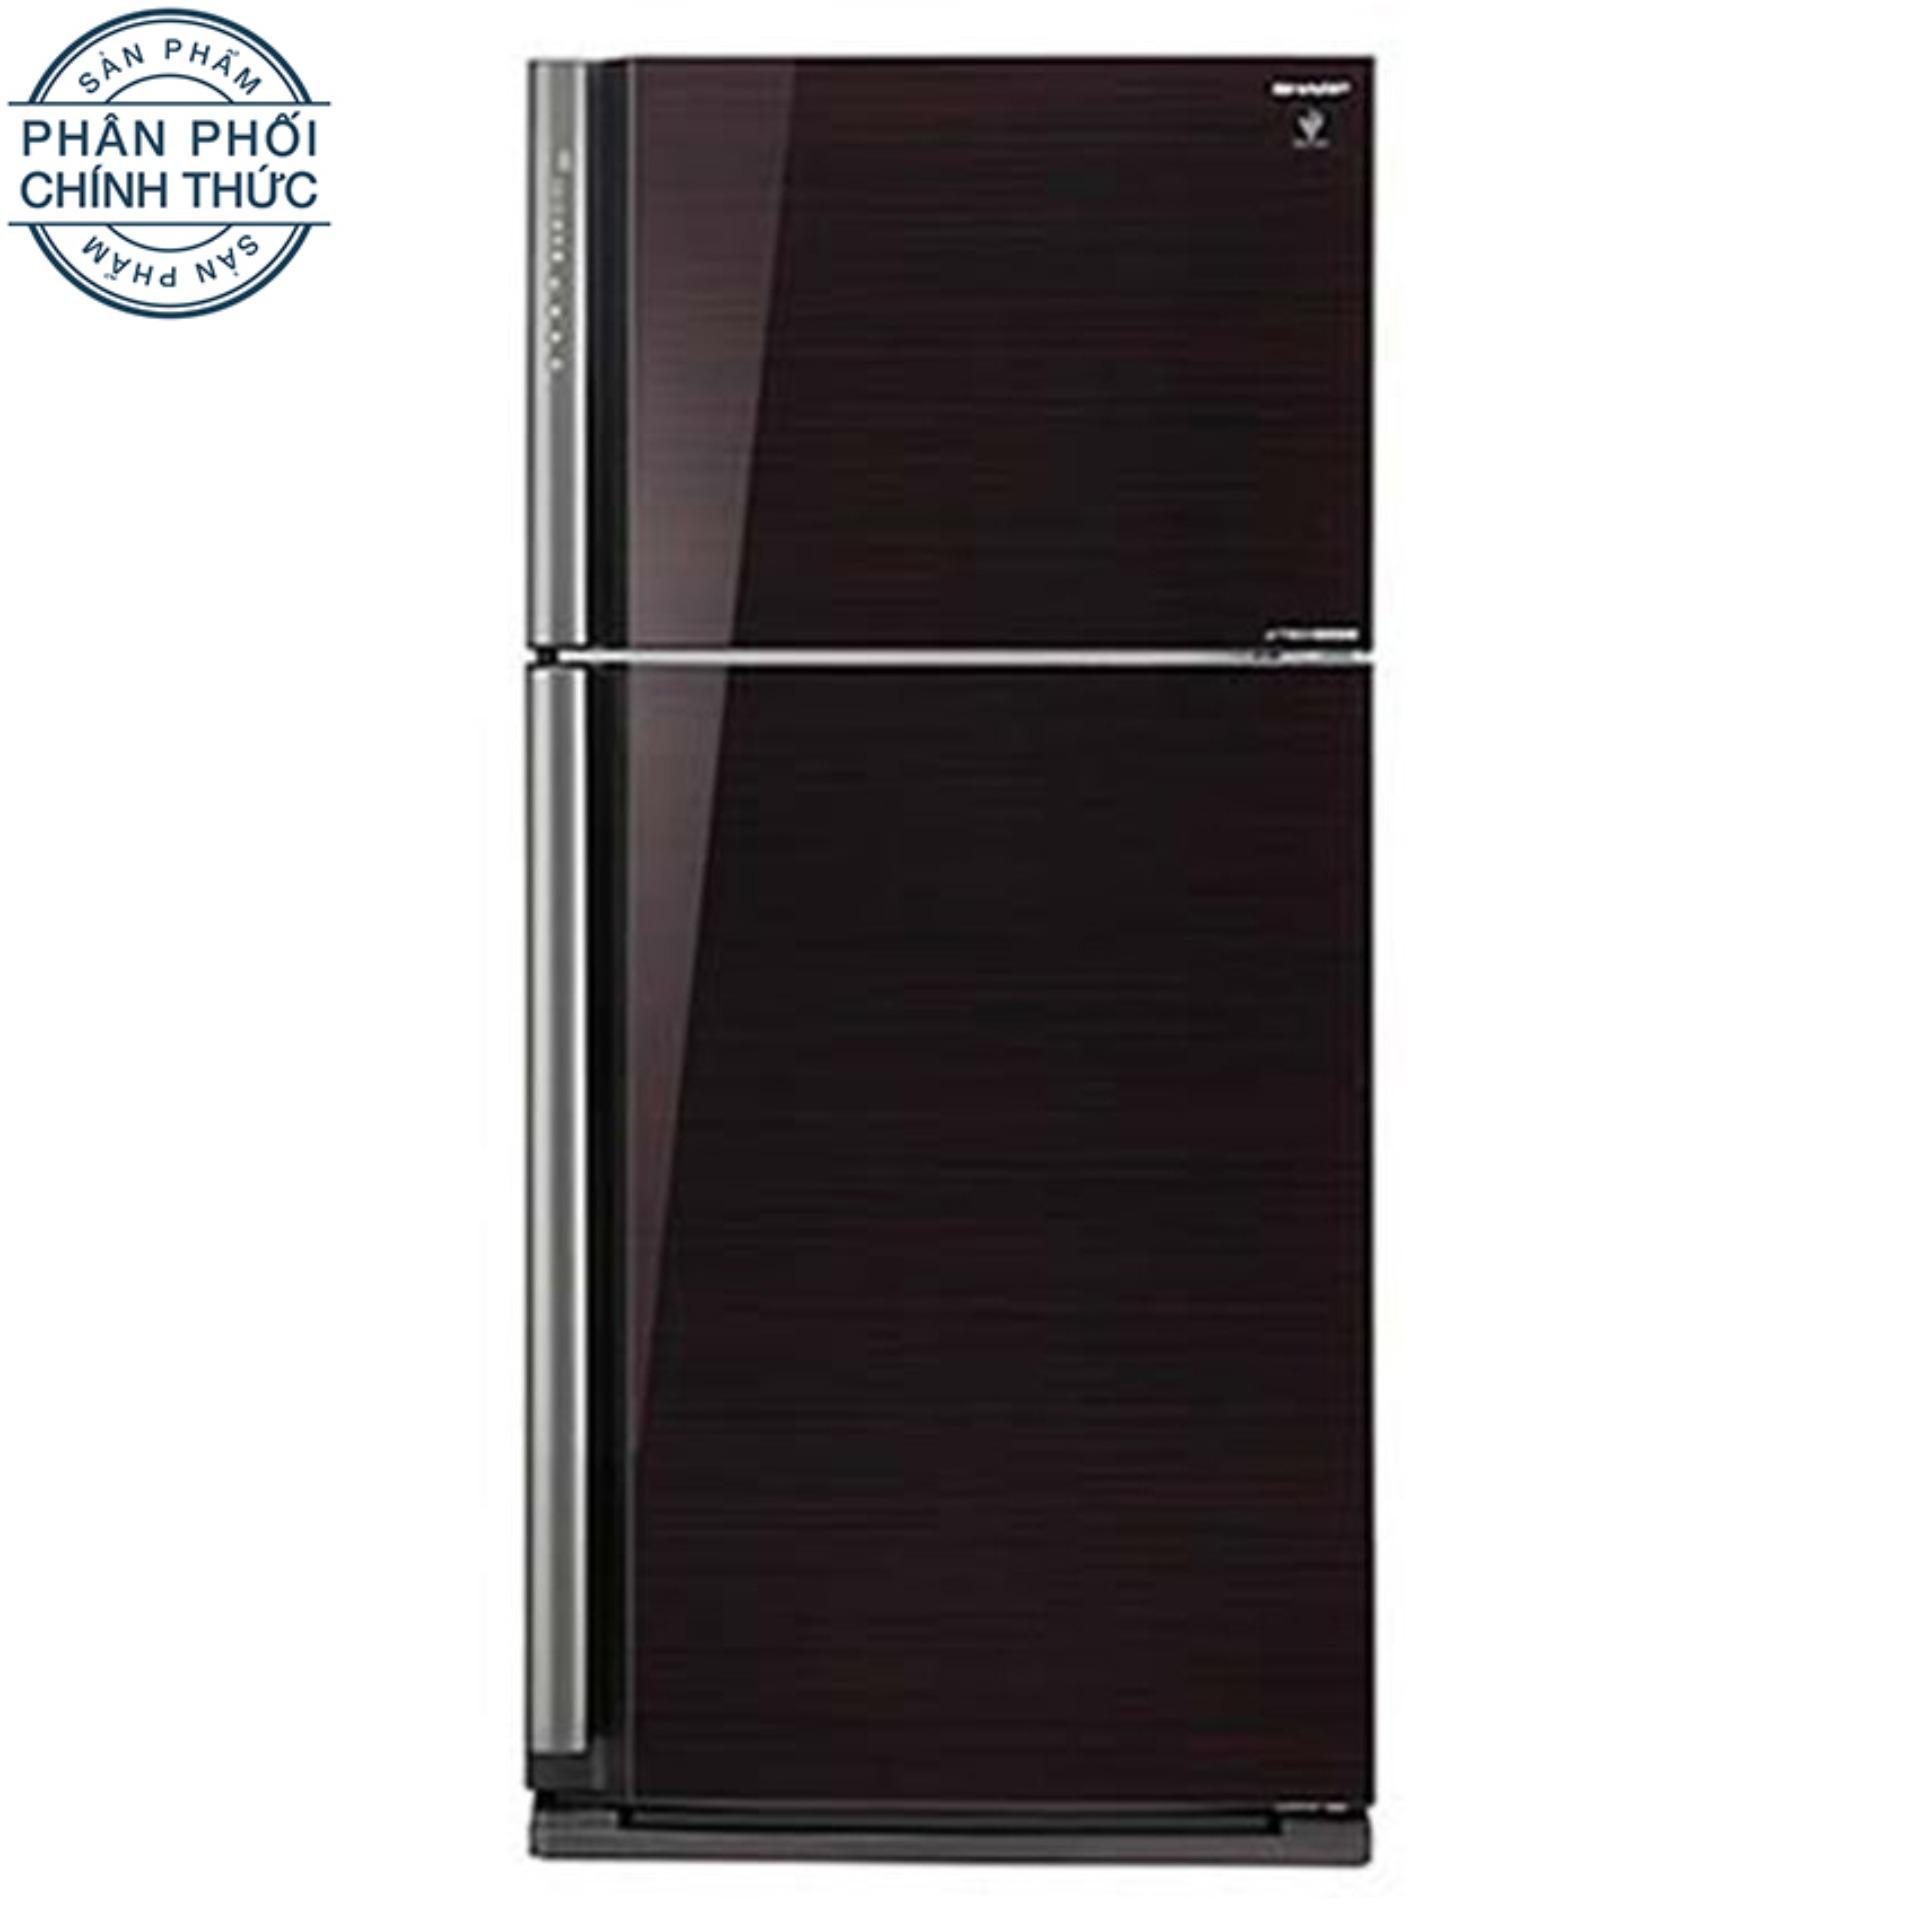 Bán Tủ Lạnh Sharp Dolphin Sj Xp590Pg Bk 585L Đen Sharp Rẻ